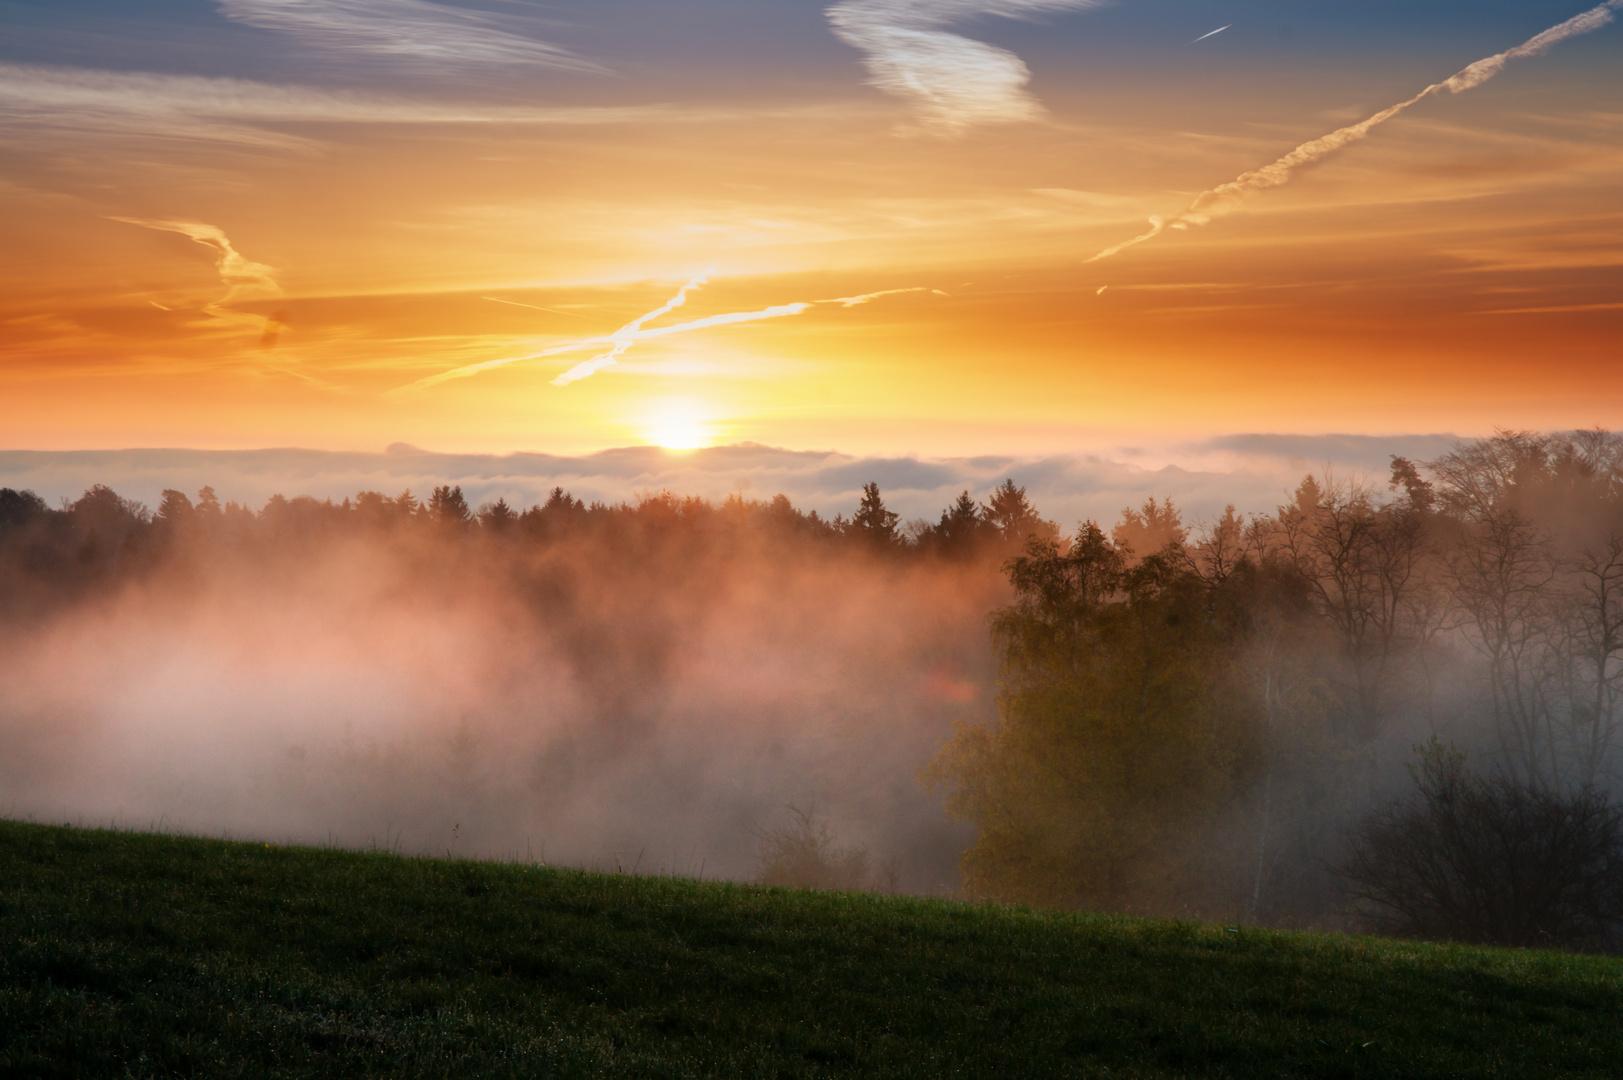 Nebel & Sonne